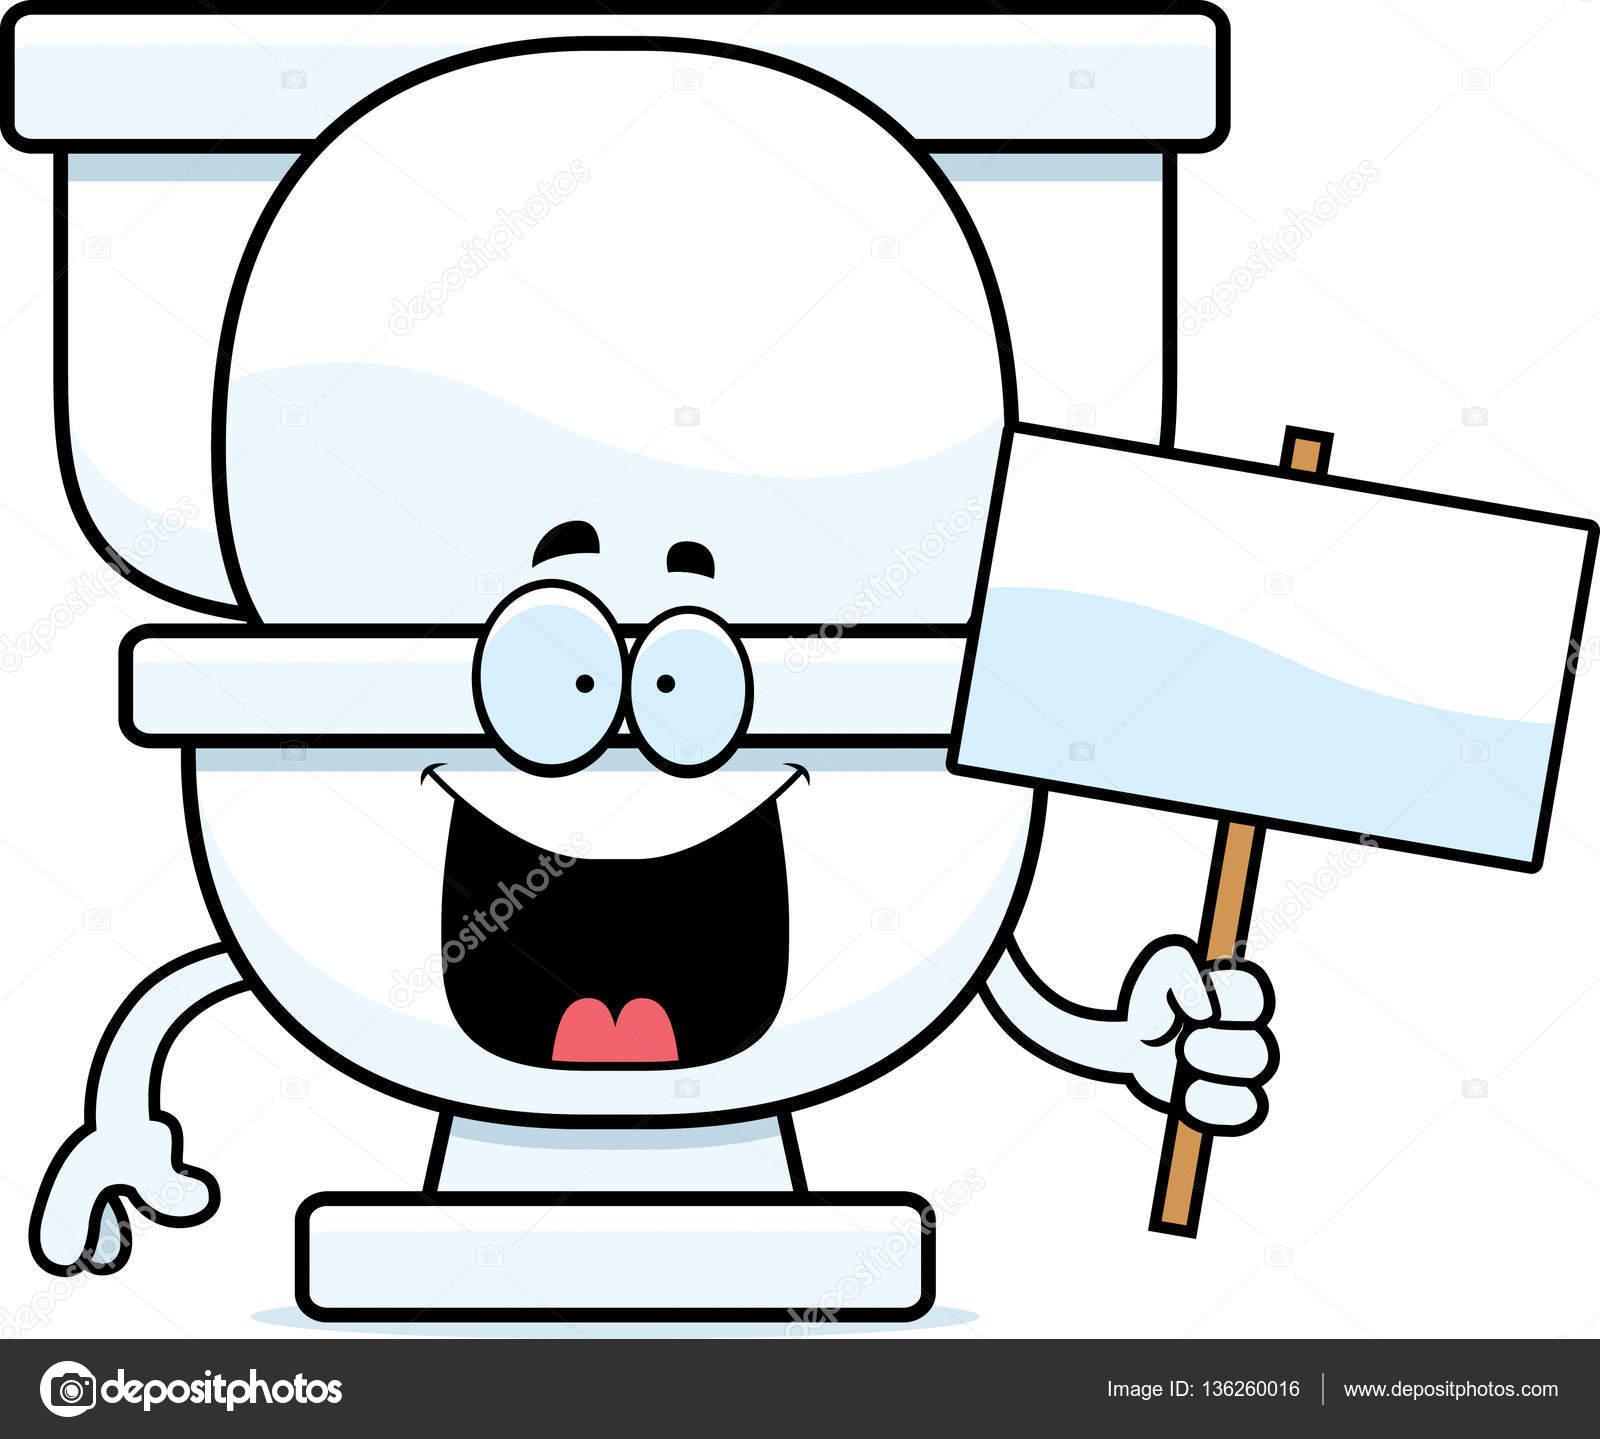 Dessin Wc dessin animé toilettes signe — image vectorielle cthoman © #136260016